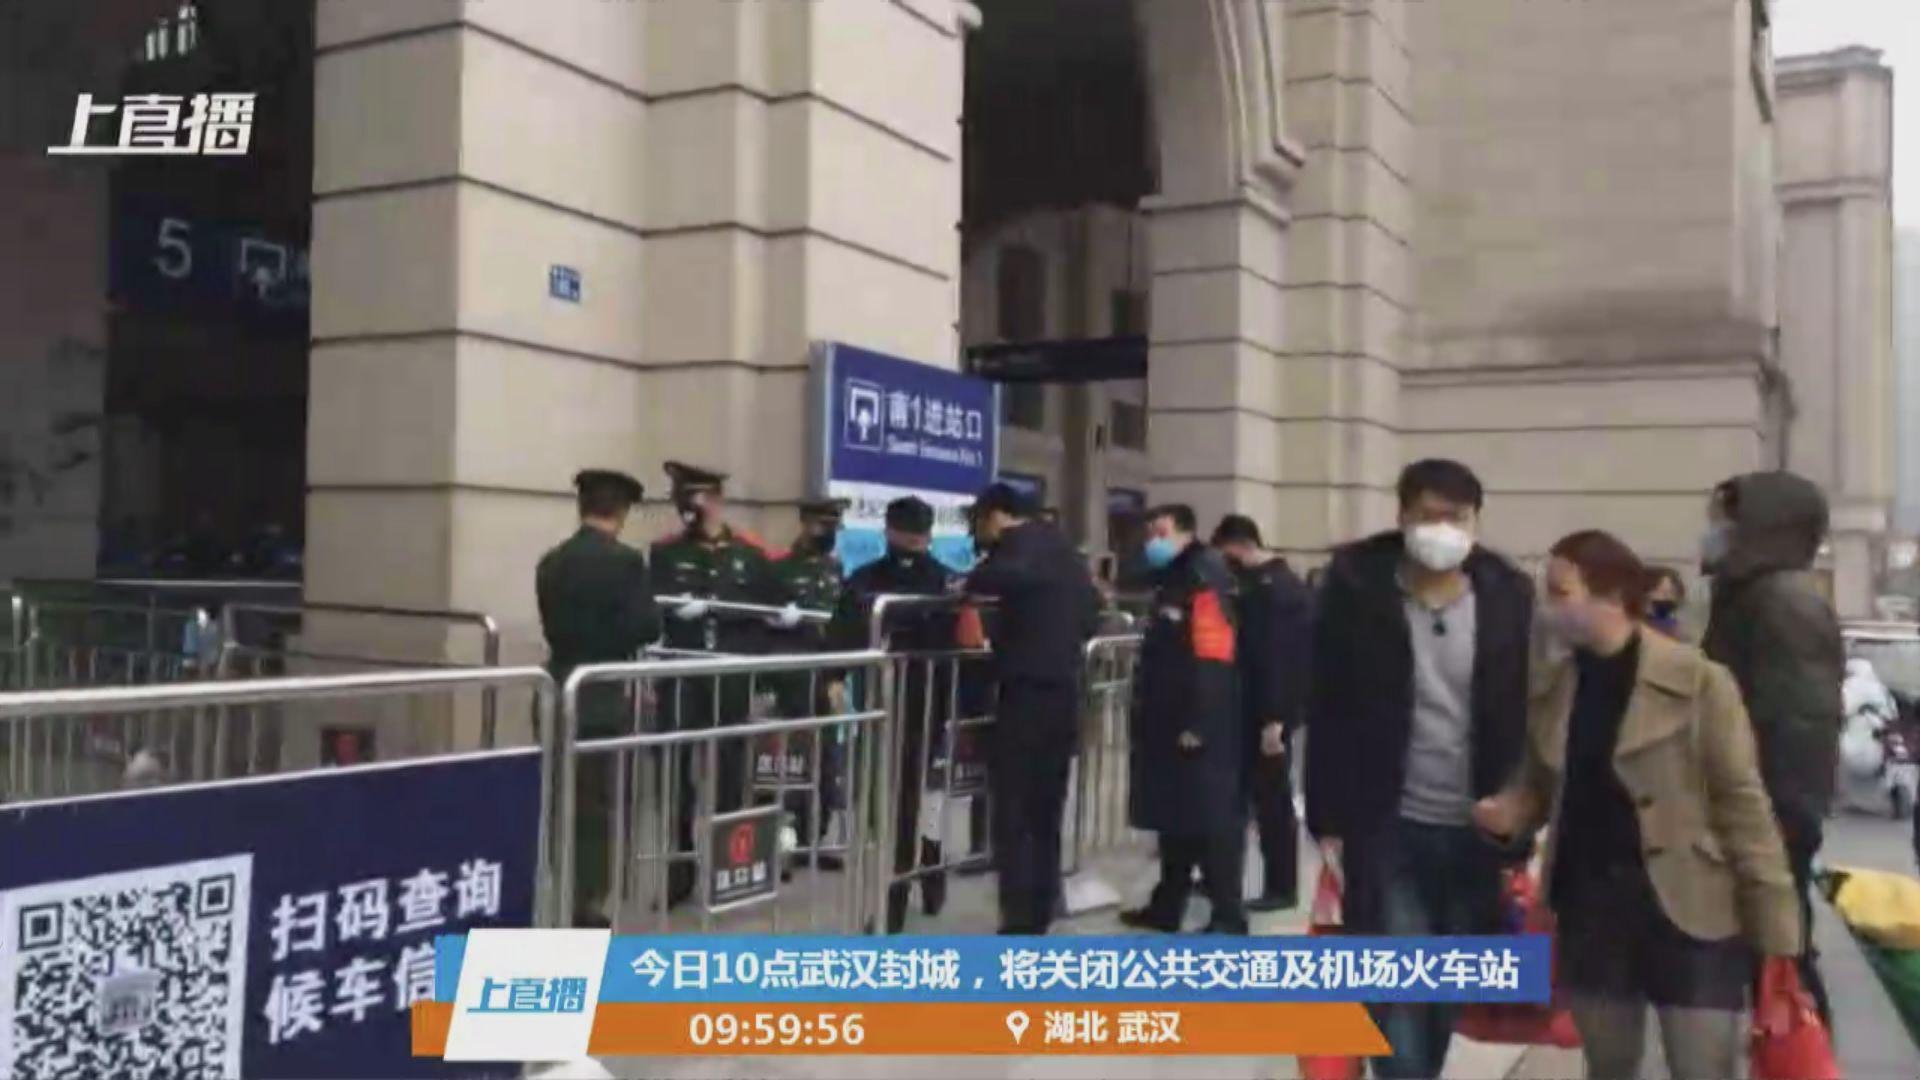 【火車站直擊】武漢市公共交通工具10時起停運